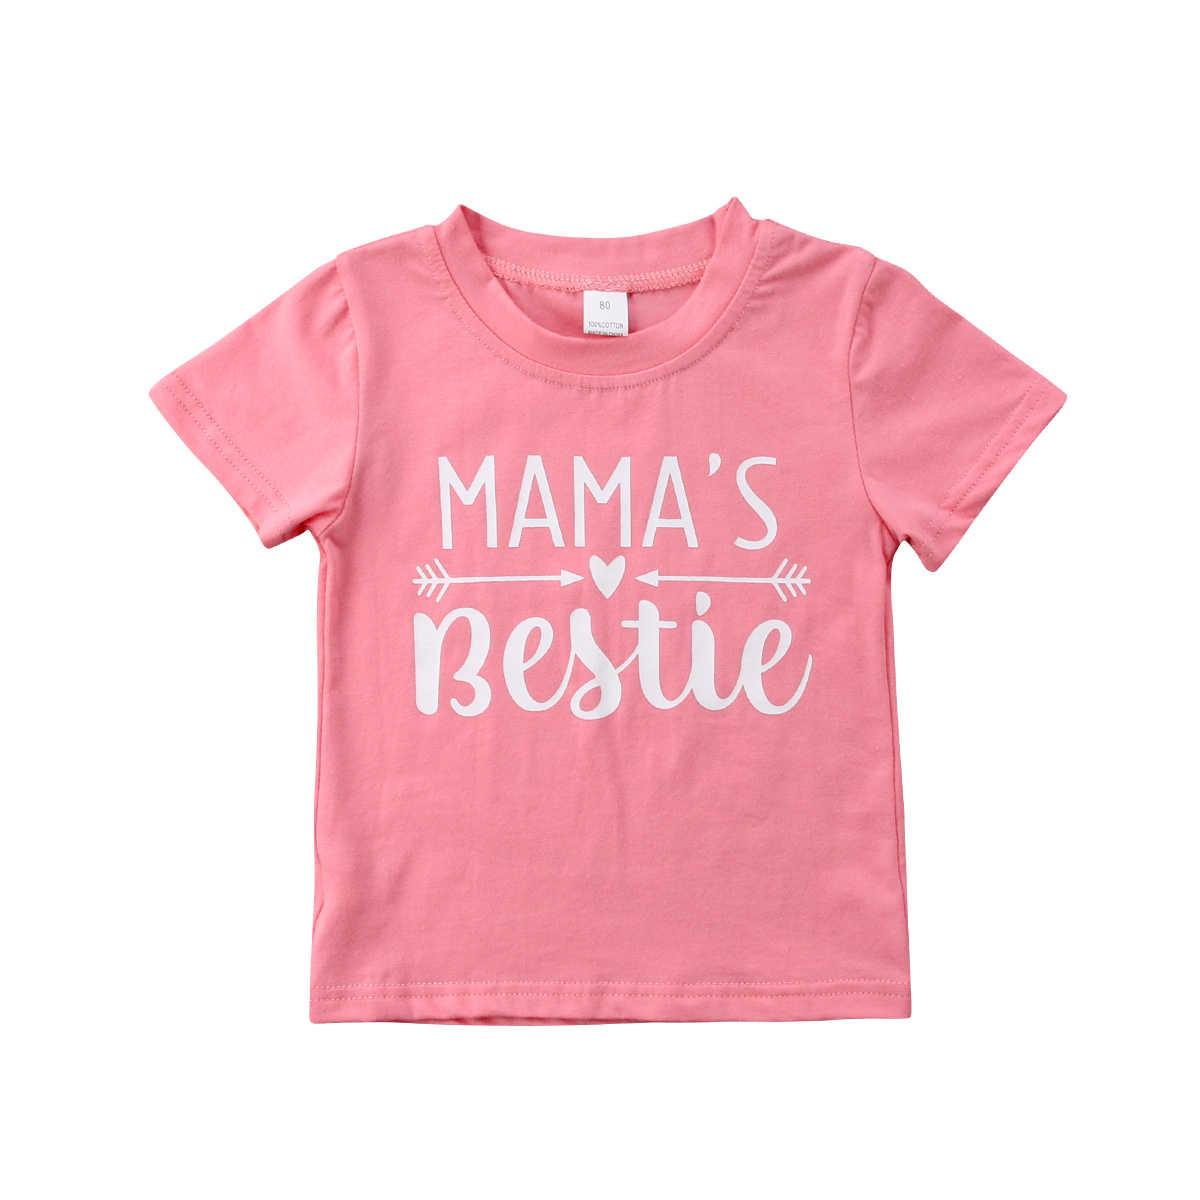 dfada5a1d Summer Toddler Kids Girl Baby Pink MAMA'S Bestie Blouse T-shirt Tee Tops T  Shirt